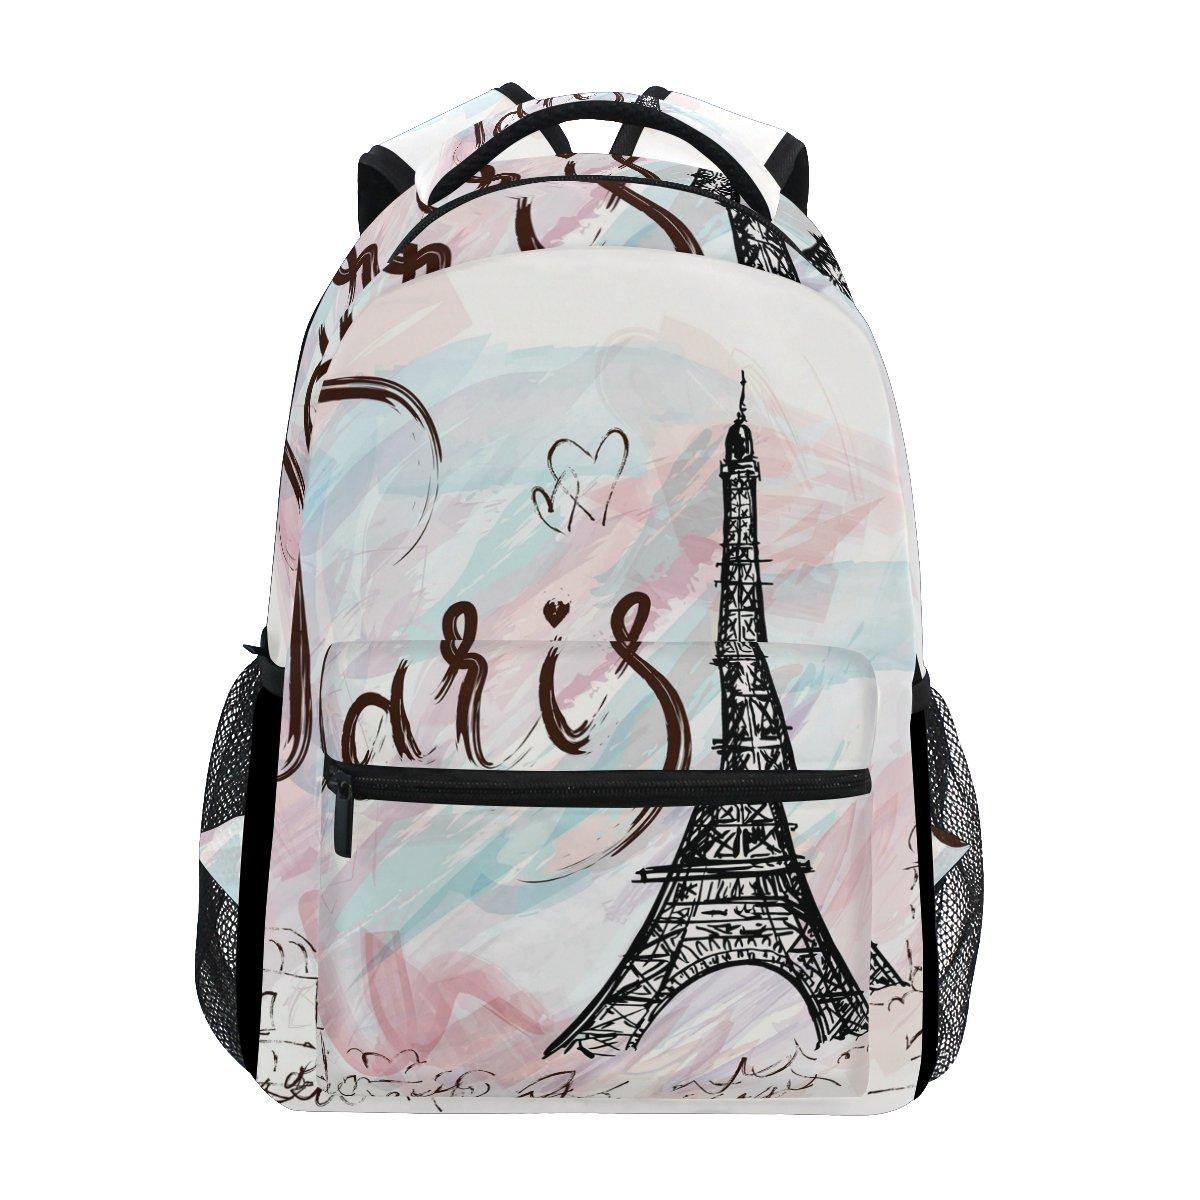 distribuidor mayorista fa465 6b4d3 TIZORAX Paris Eiffel Tower - Mochila para el Colegio o la Universidad, para  Senderismo, Viaje, para Mujeres y Hombres